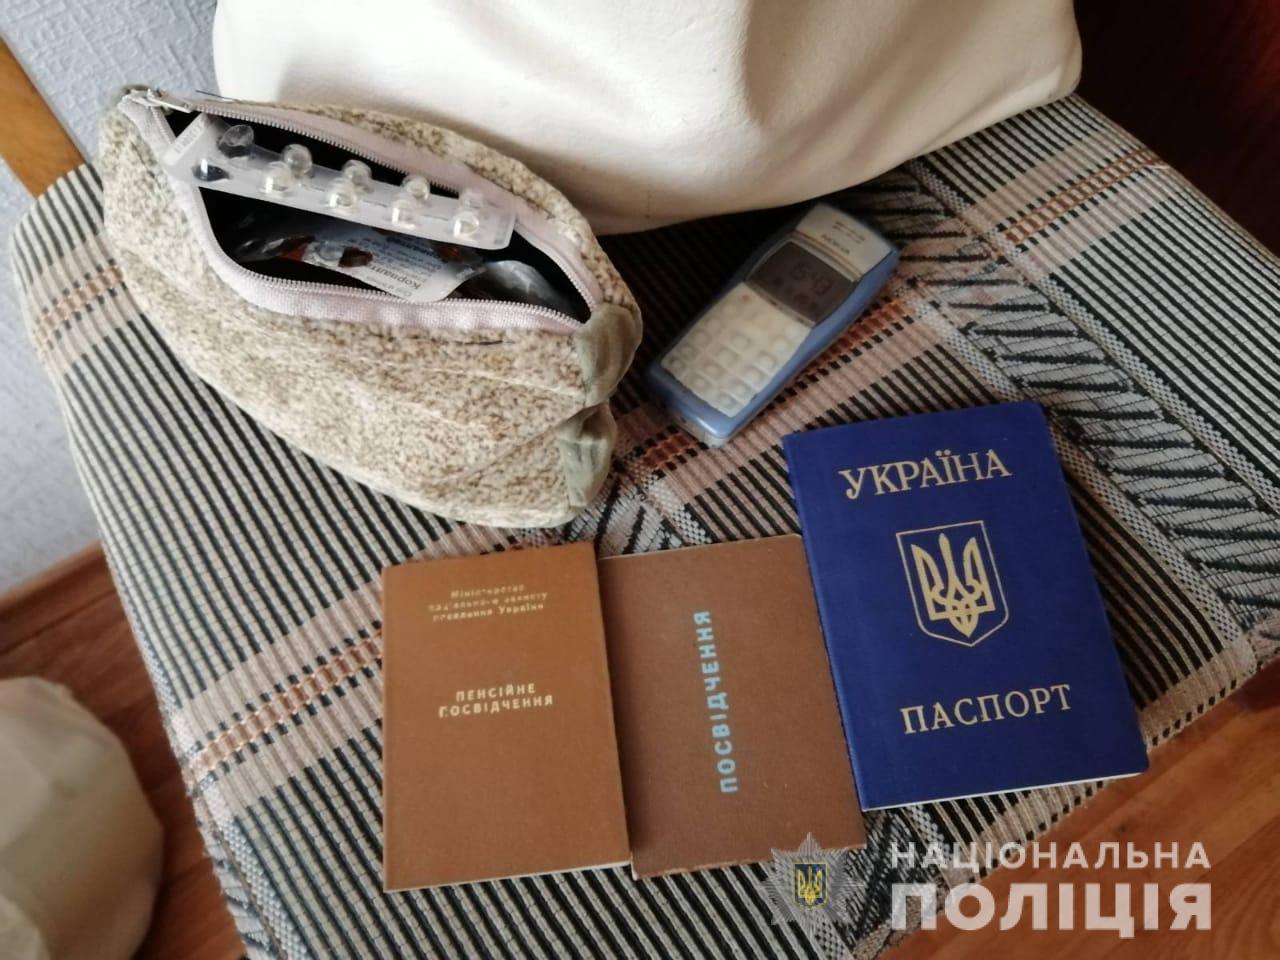 У Білій Церкві грабіжник вихопив у пенсіонерки сумку - поліція Київщини, Грабіж, Біла Церква - pensiyaBTSgrabizh1